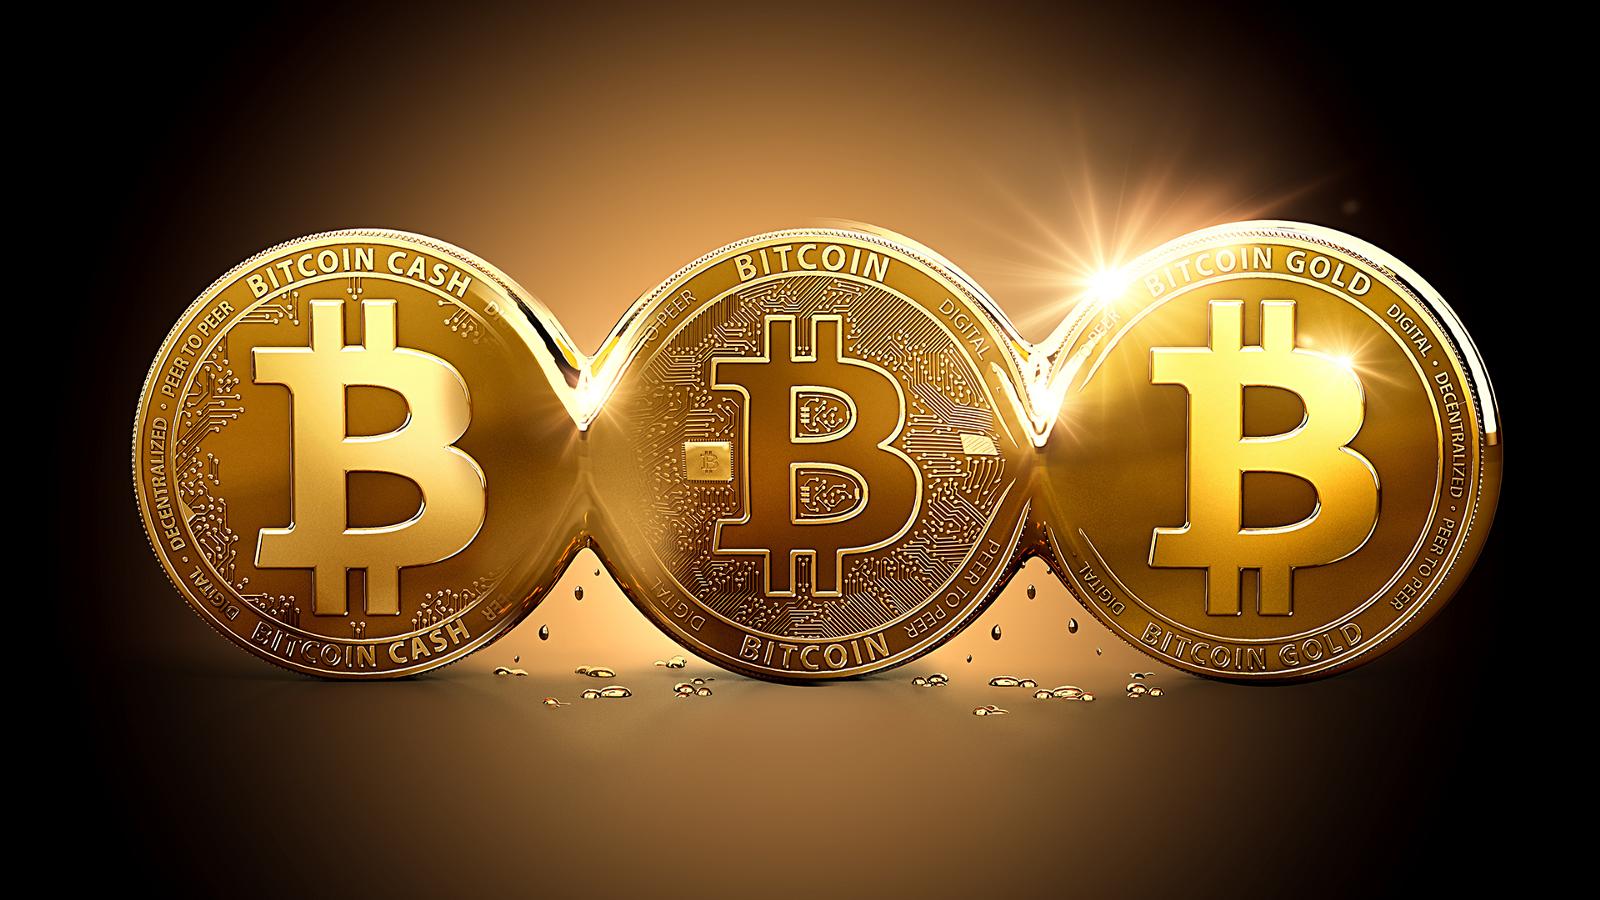 cum să începi să câștigi bani de pe zero de la bitcoins